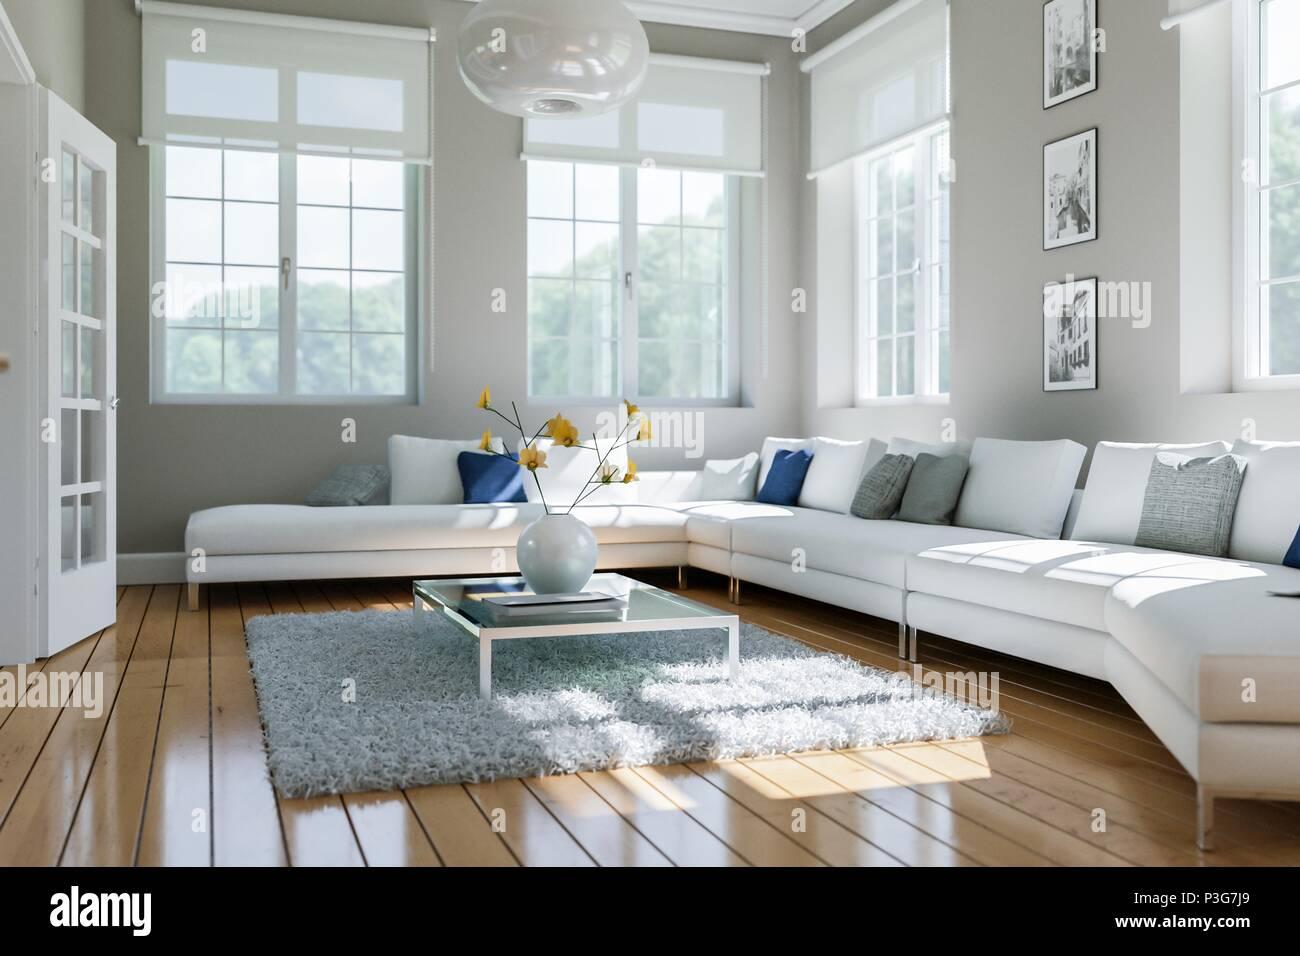 Modernes Weisses Wohnzimmer Interior Design Stockfoto Bild